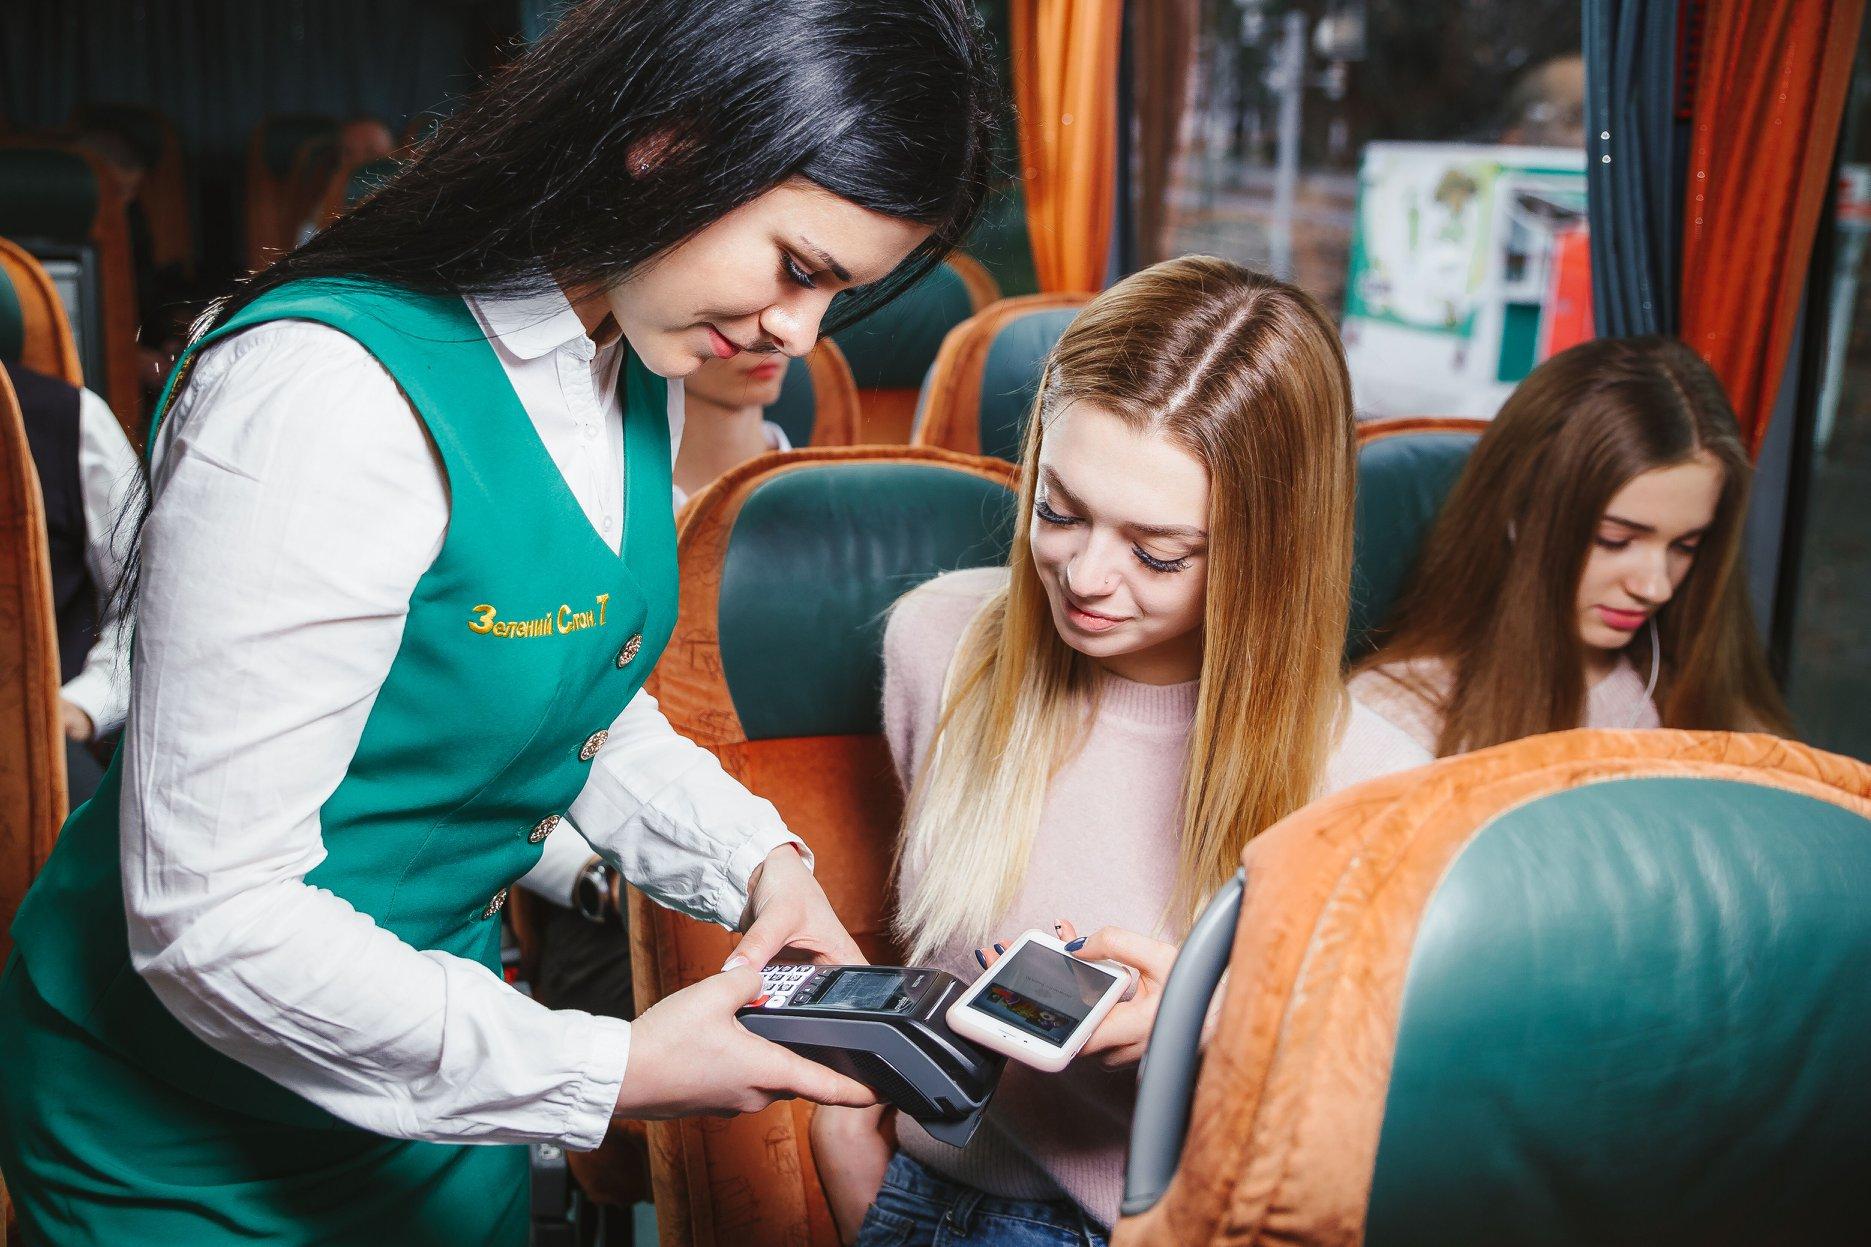 В автобусах компанії «Зелений слон 7» встановлено POS термінали